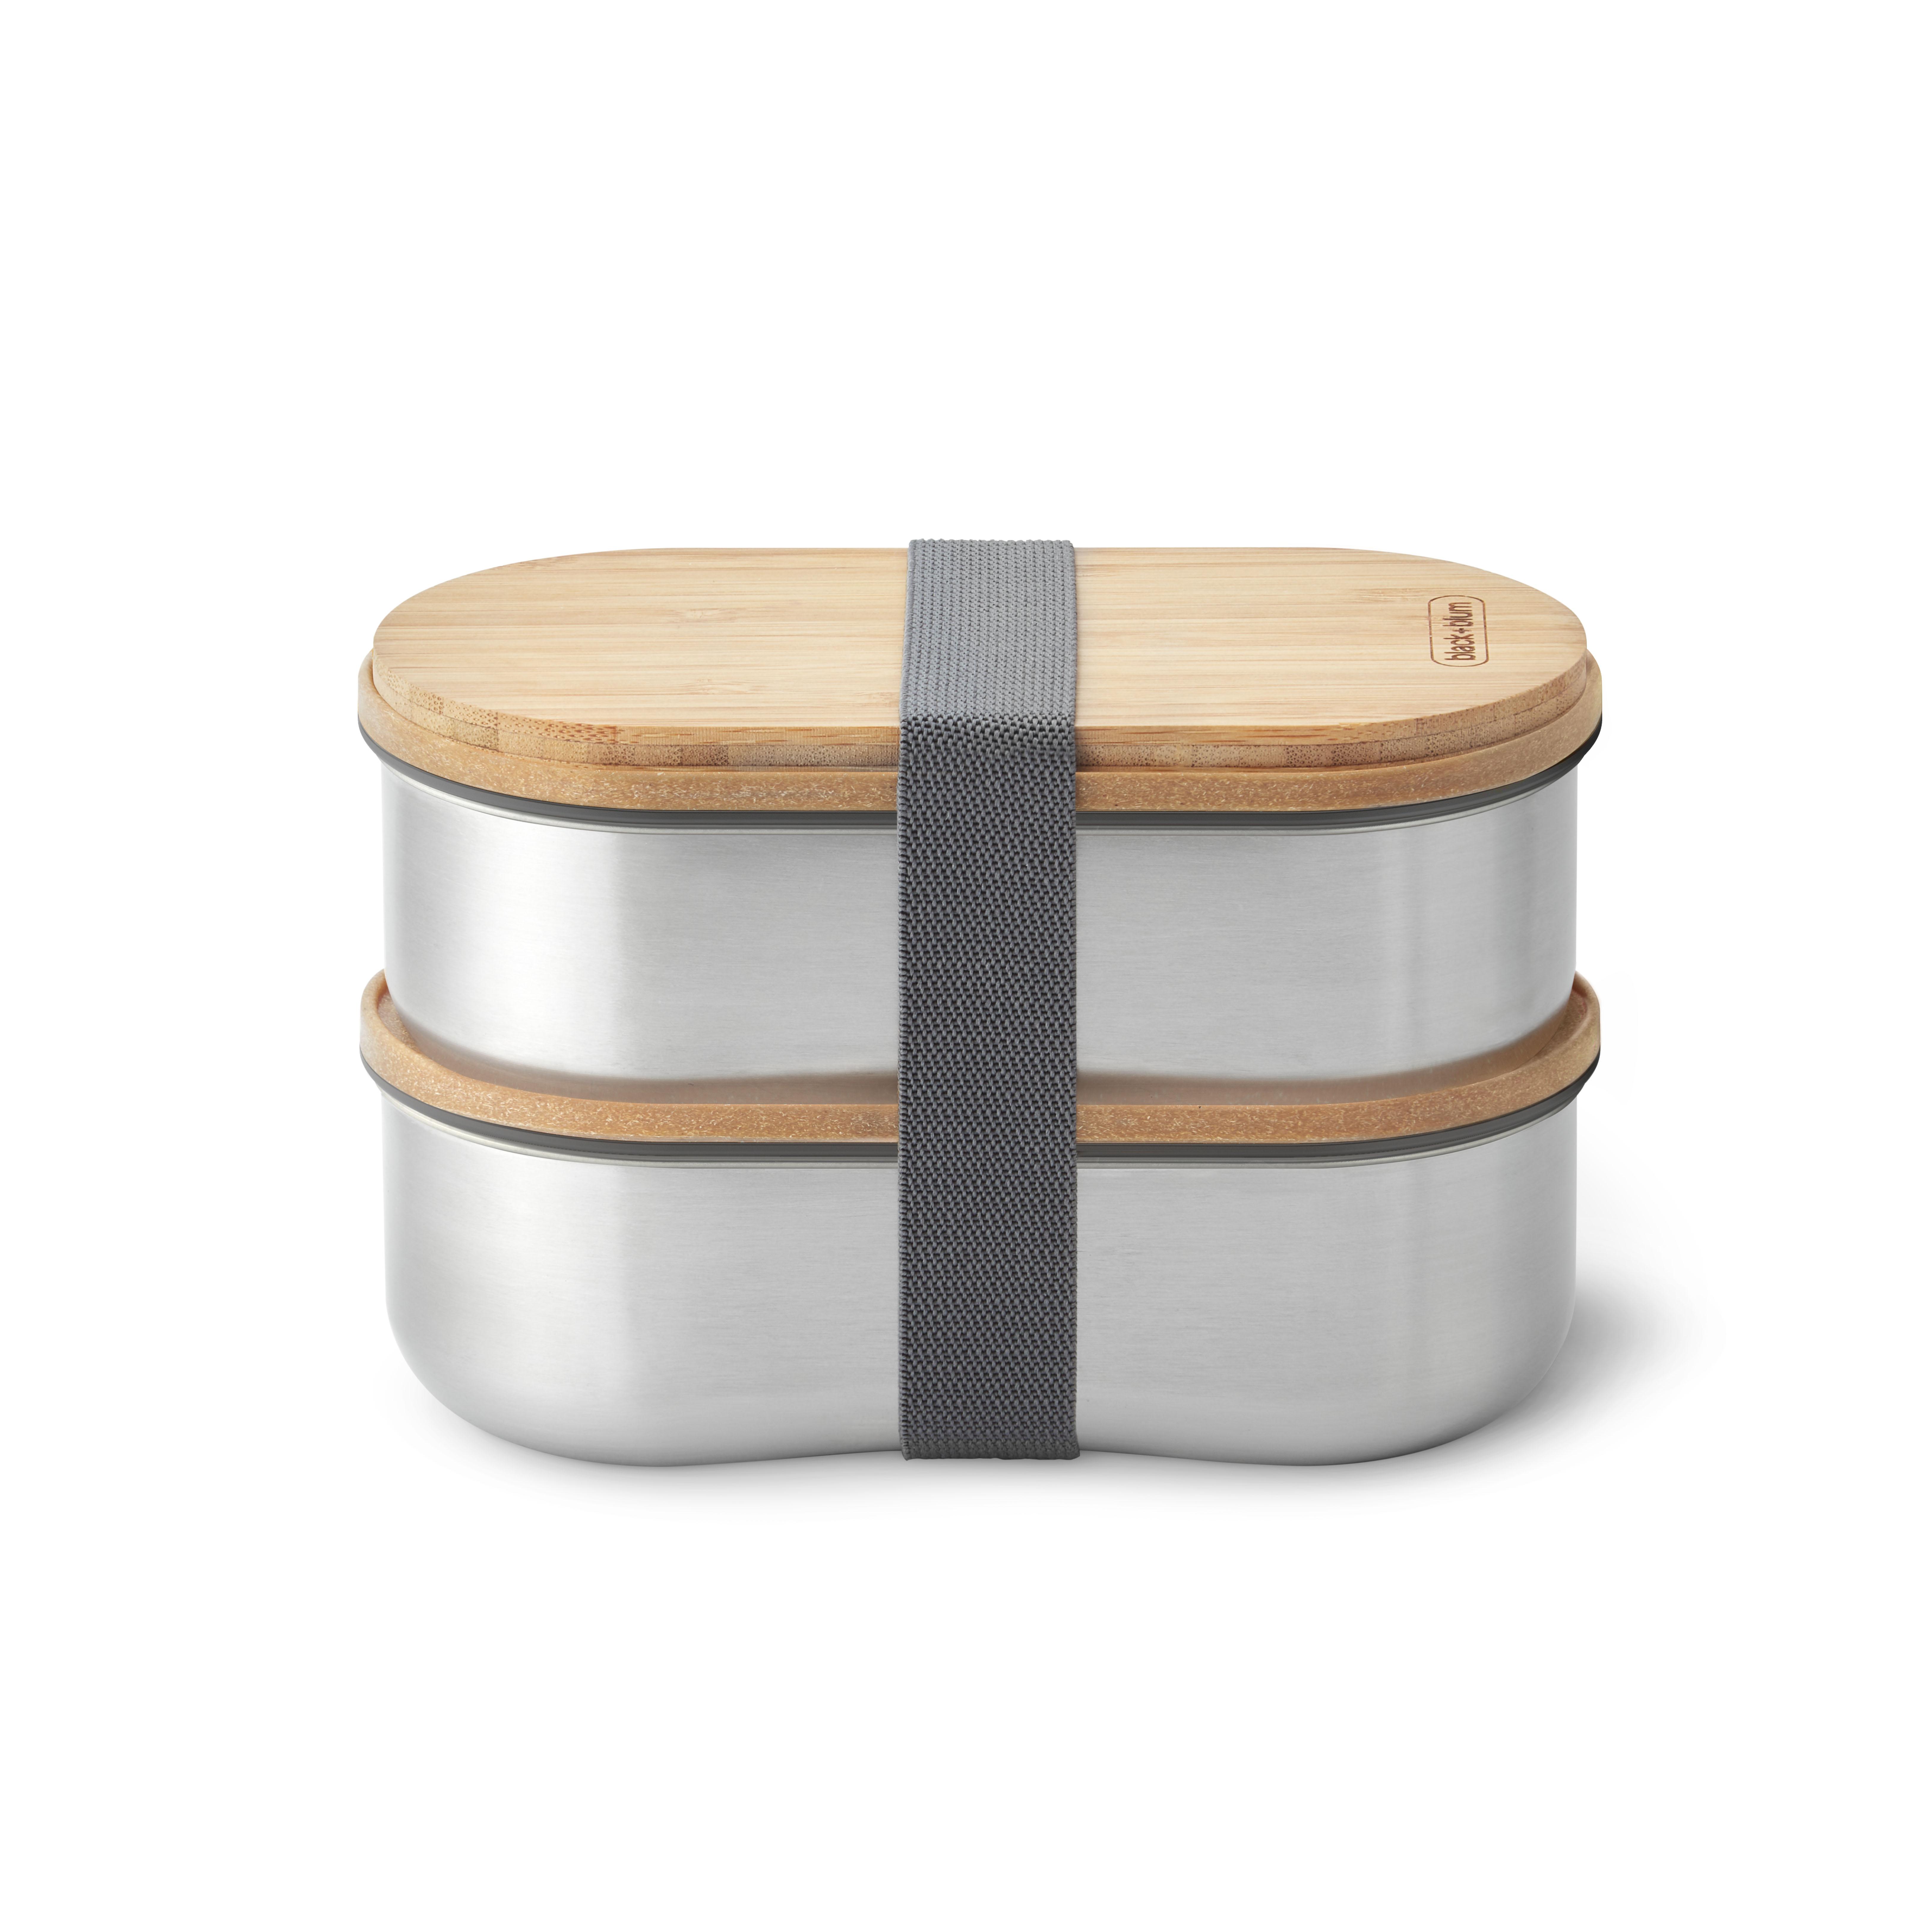 Double Bento Box